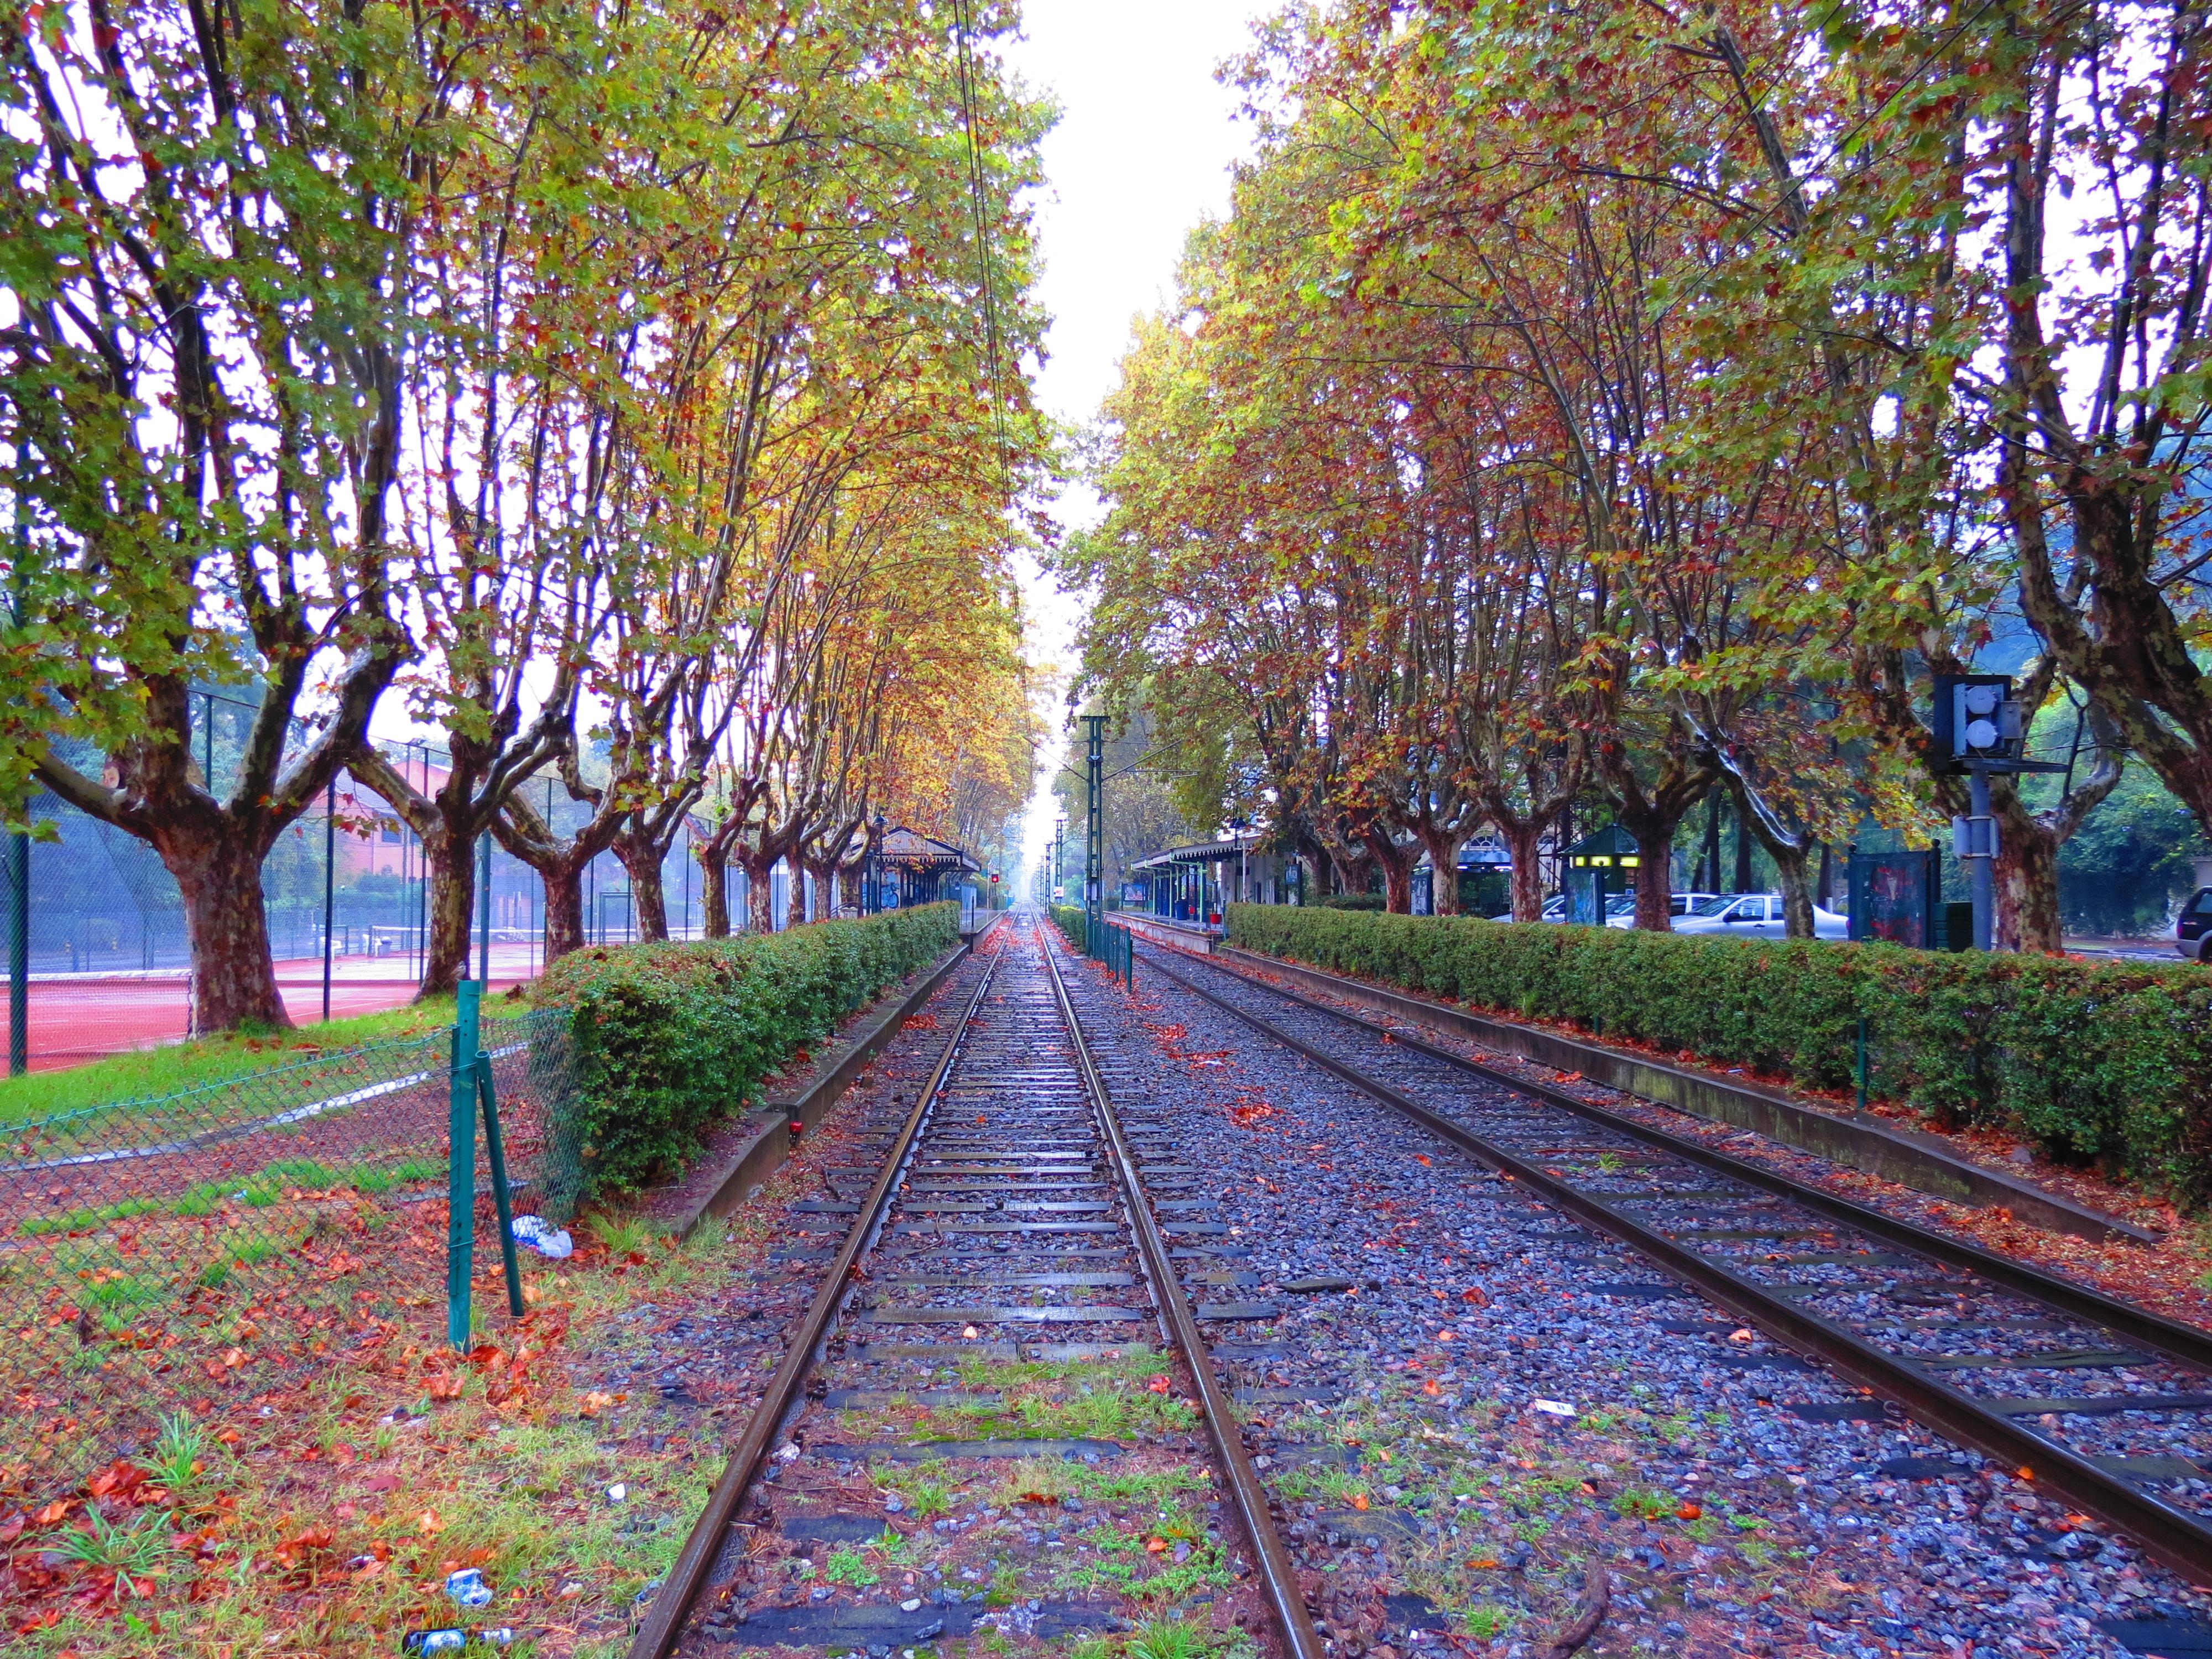 El oto o y la lluvia en una vieja estaci n del ferrocarril - Fotos bonitas de otono ...